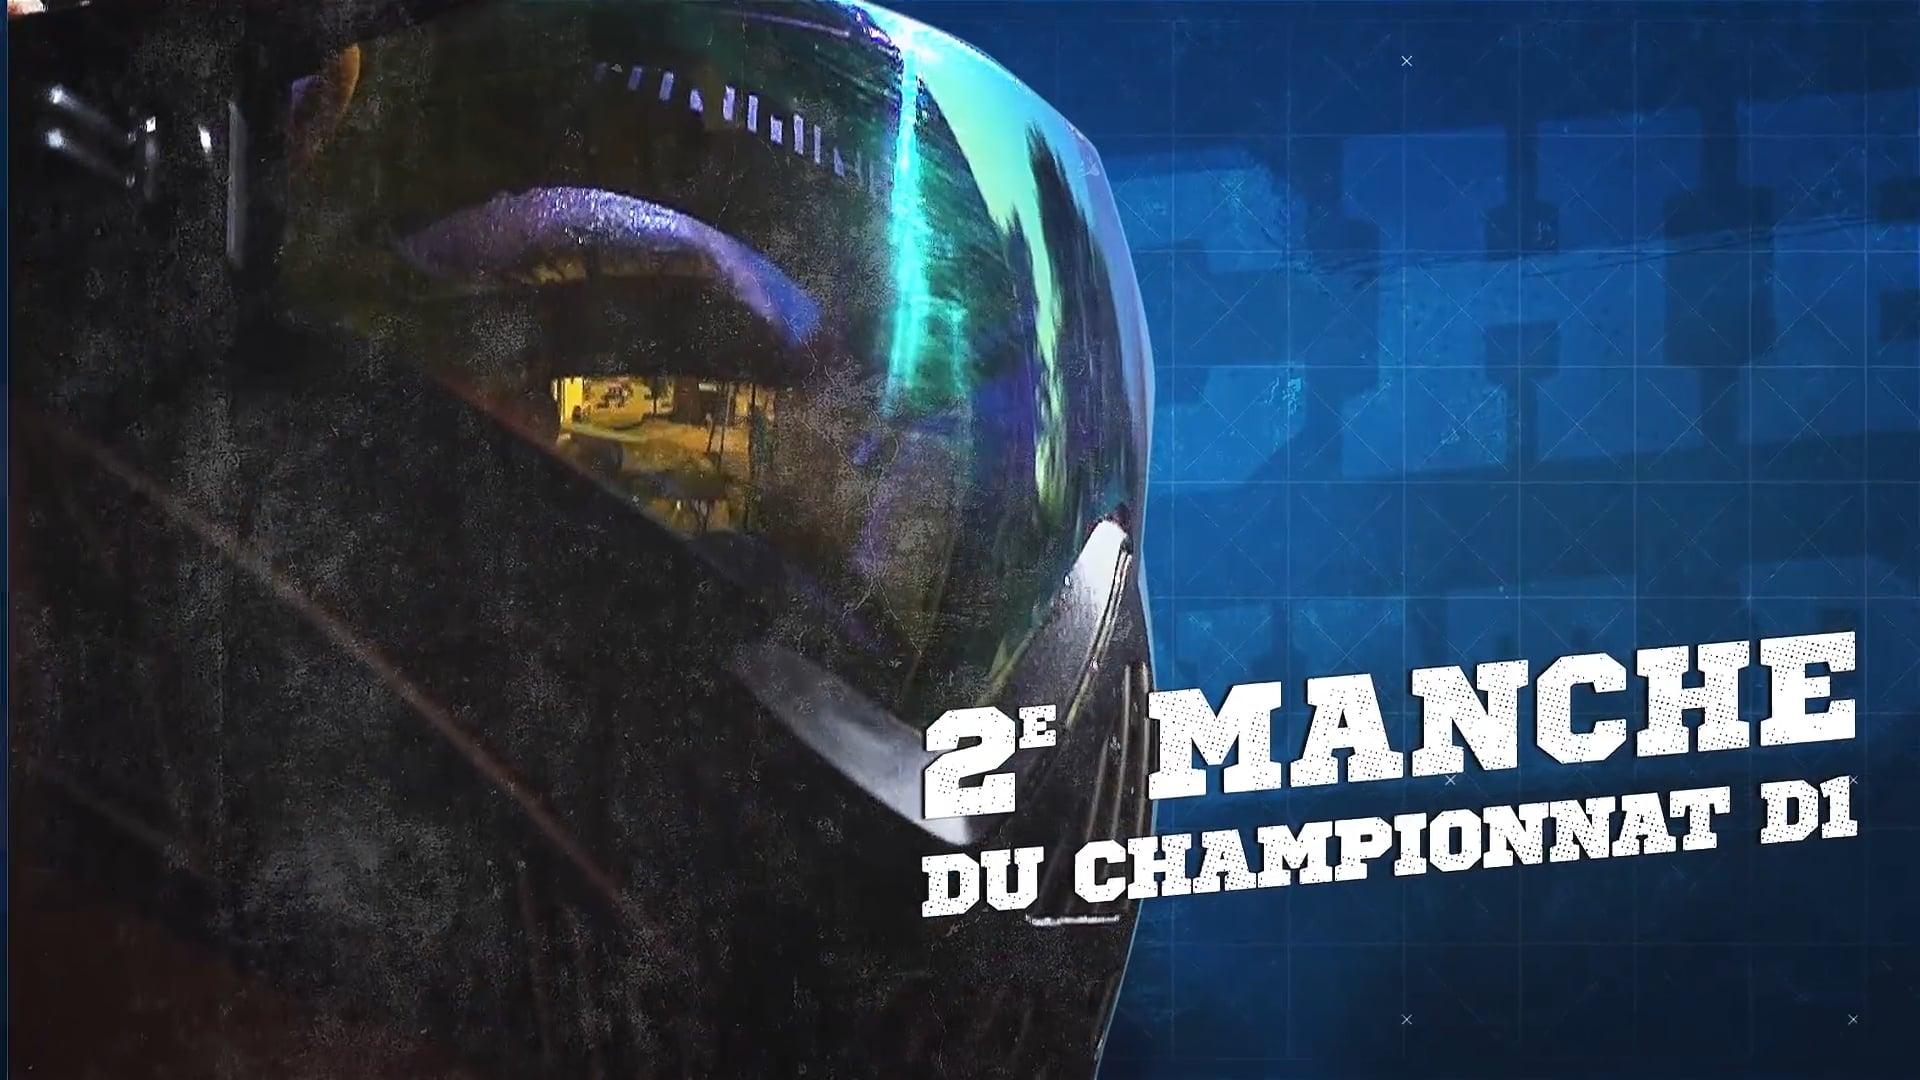 Paintball - Championnat de France à Nîmes